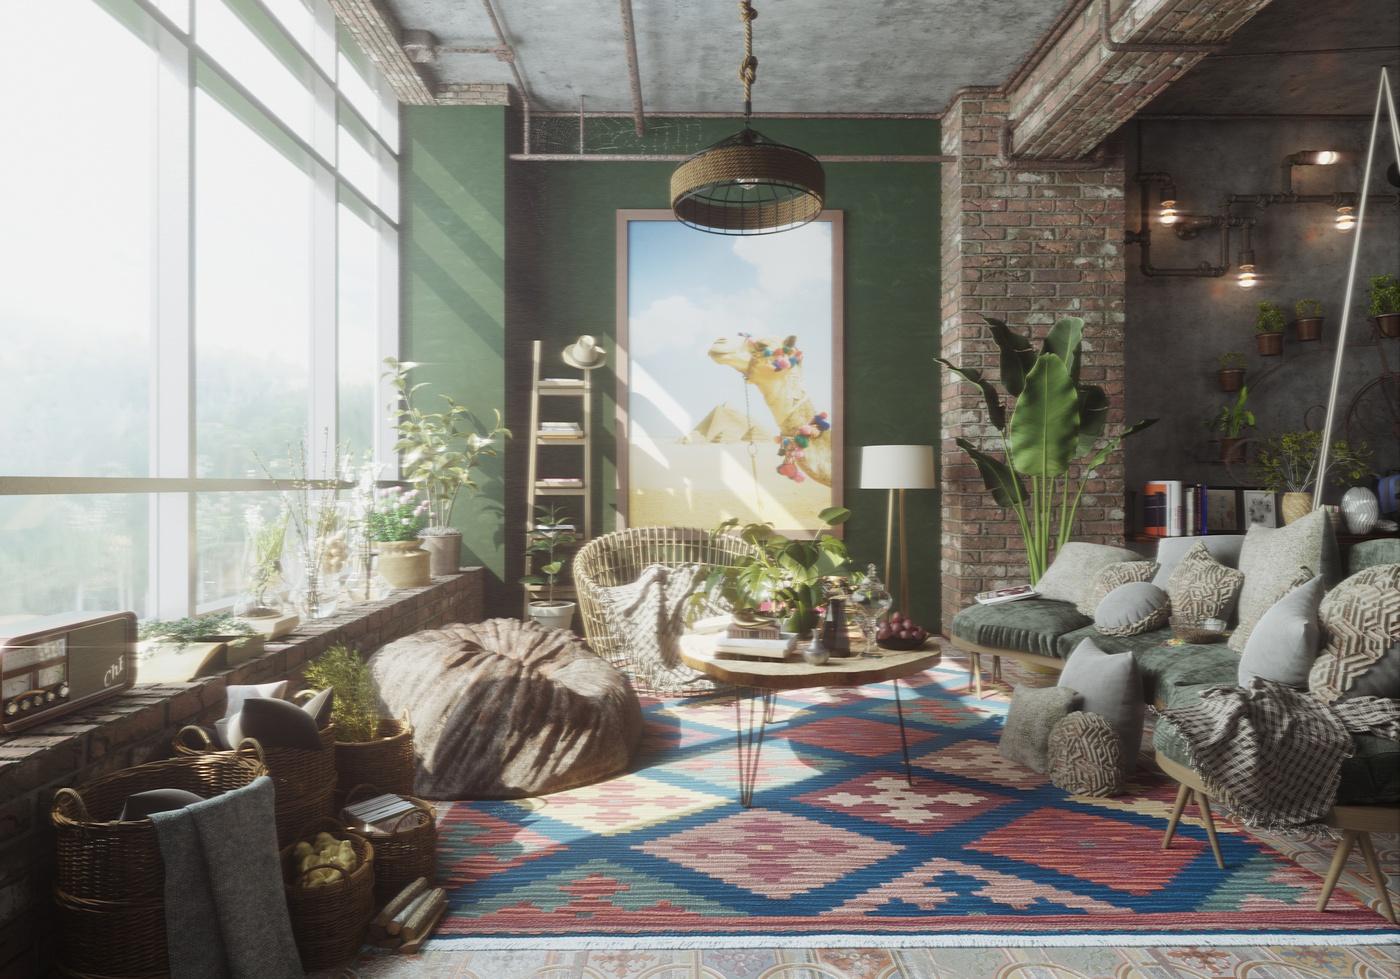 interior housing 3d realistic models 3d